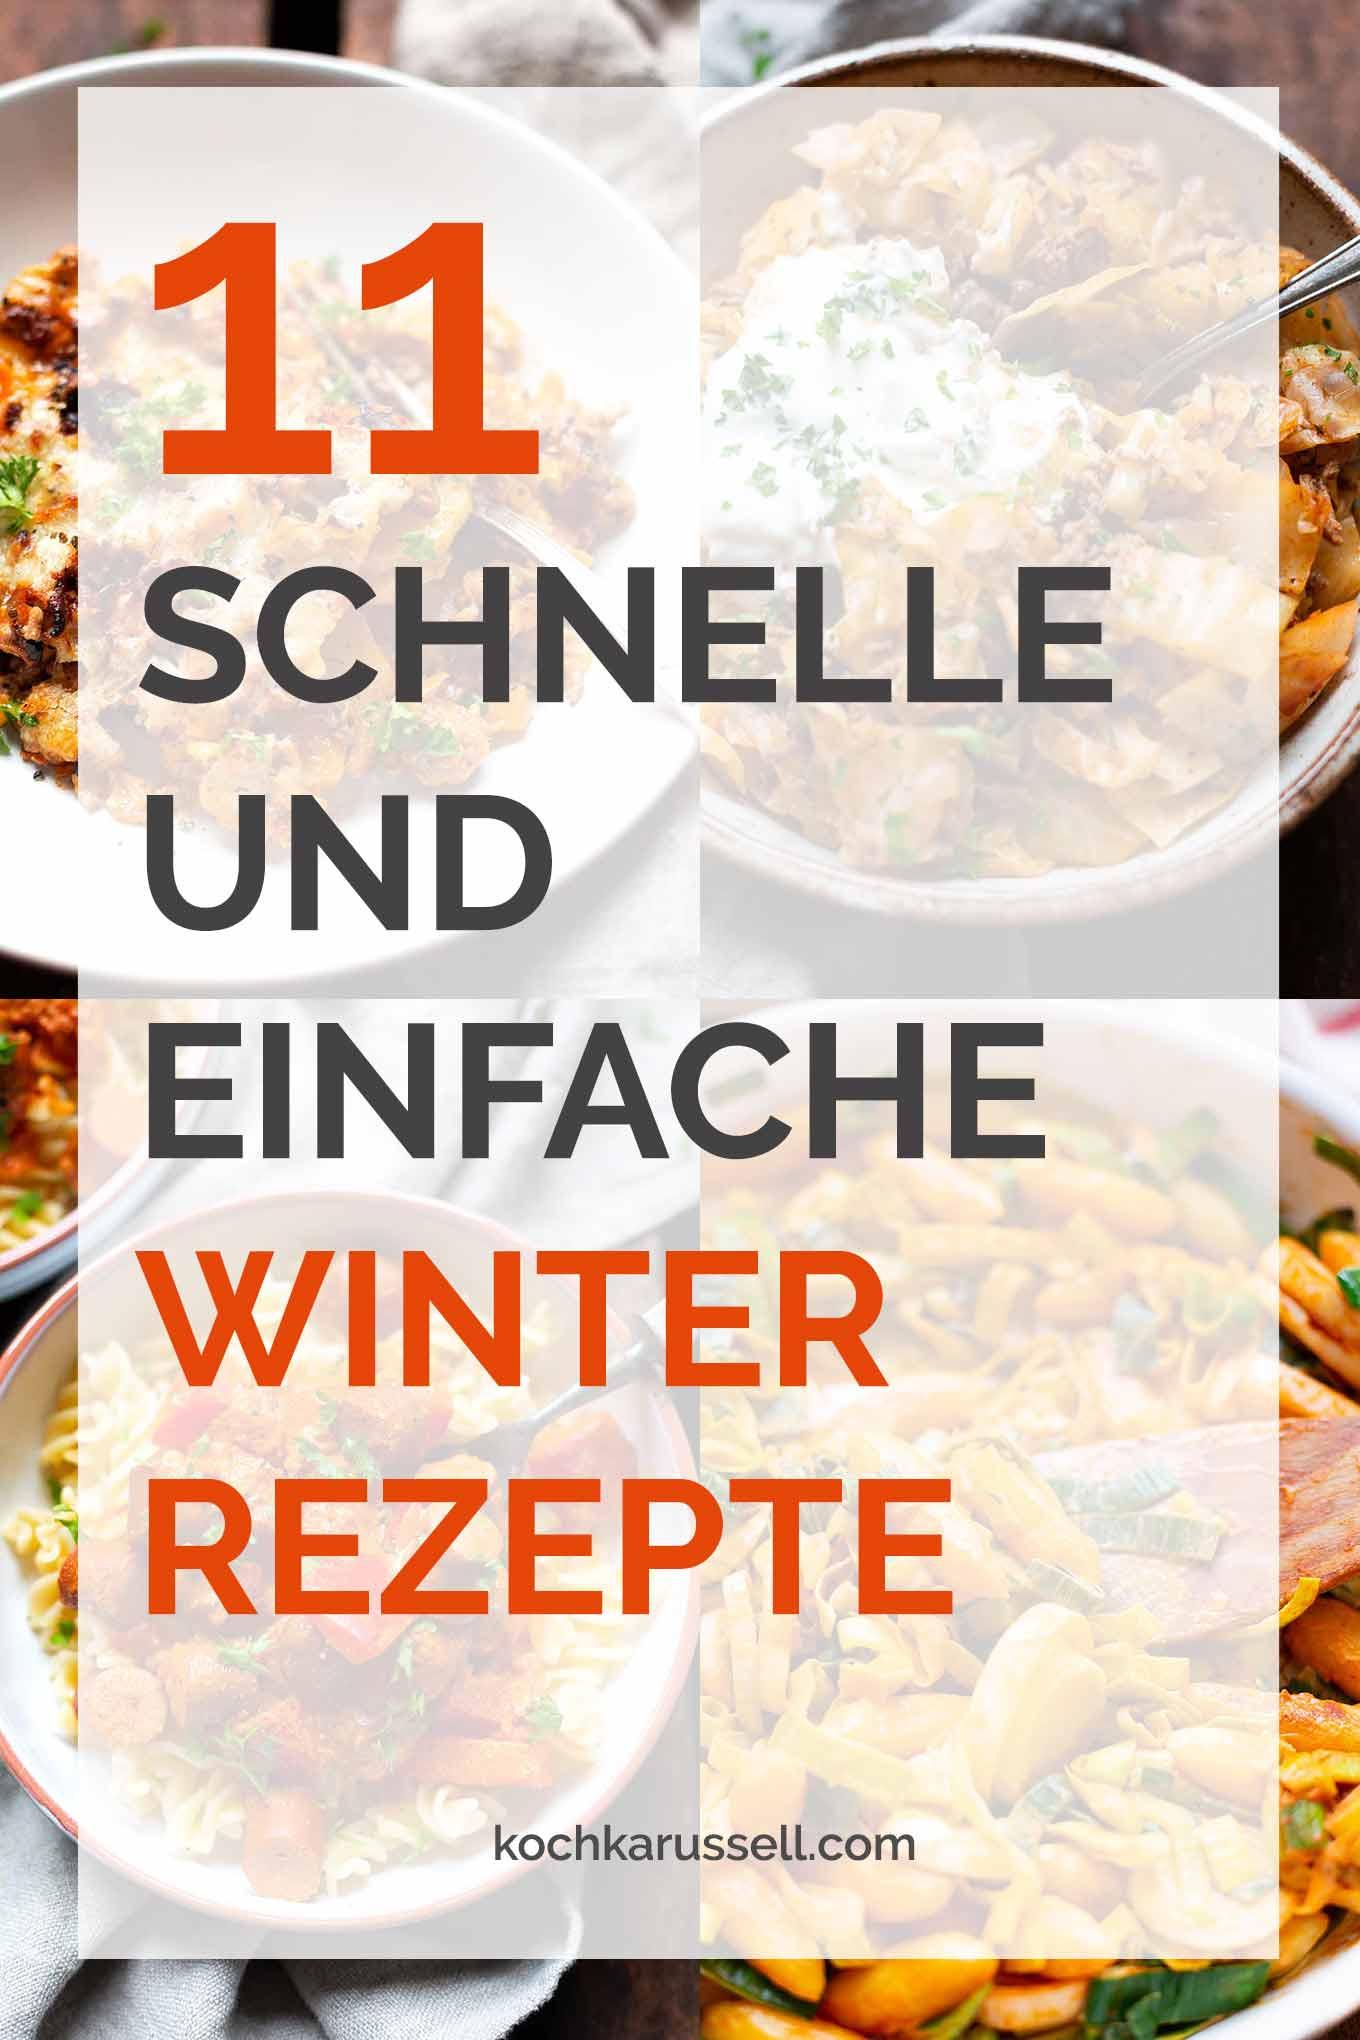 11 schnelle und einfache Winter-Rezepte. Diese Soulfood-Rezepte musst du probieren! - Kochkarussell Foodblog #winterrezepte #soulfood #nomnom